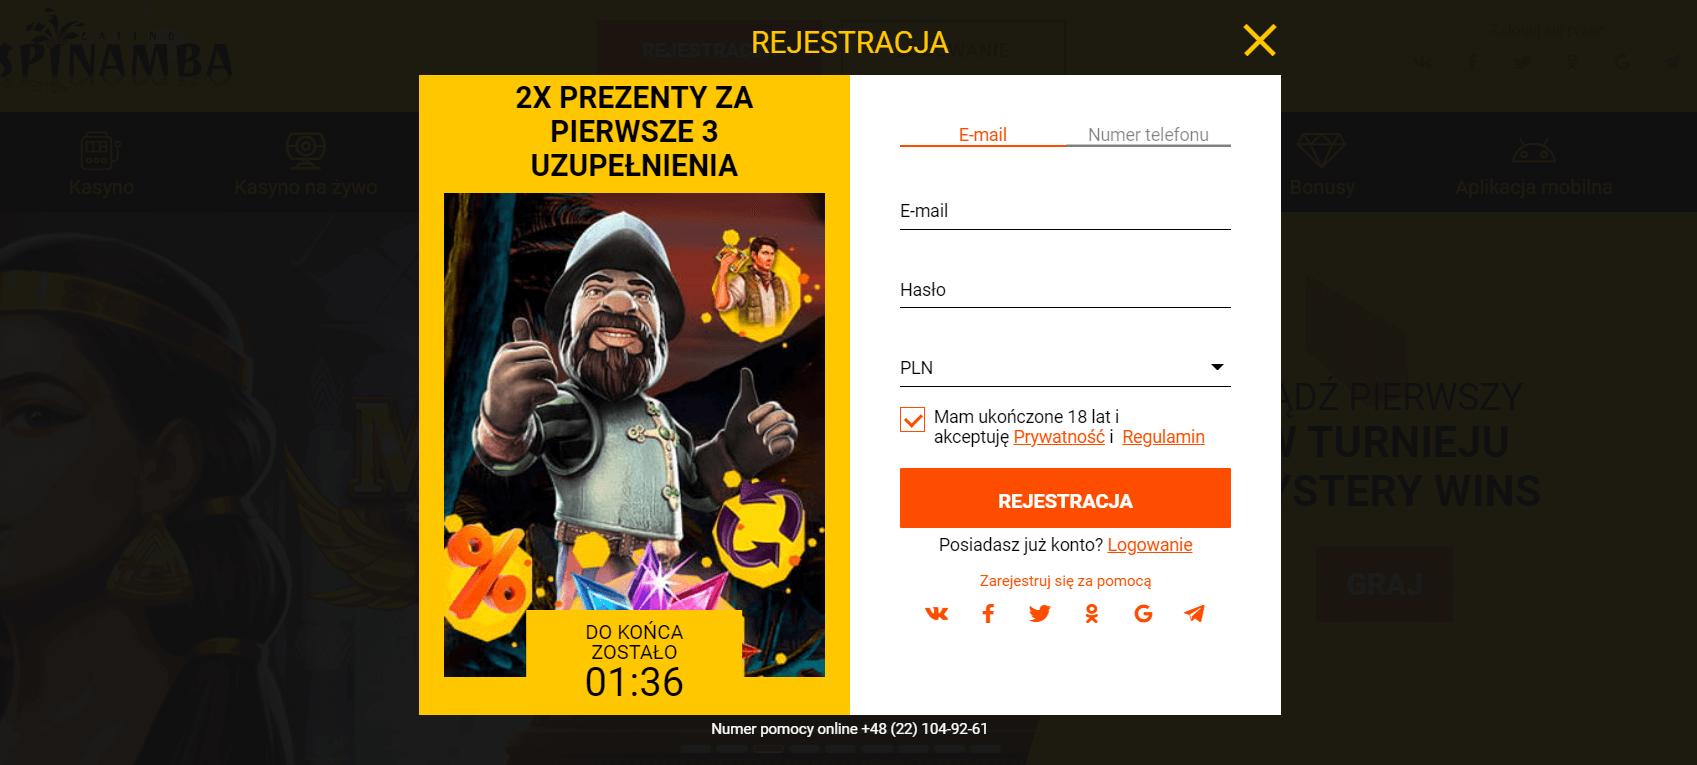 spinamba rejestracja screenshot